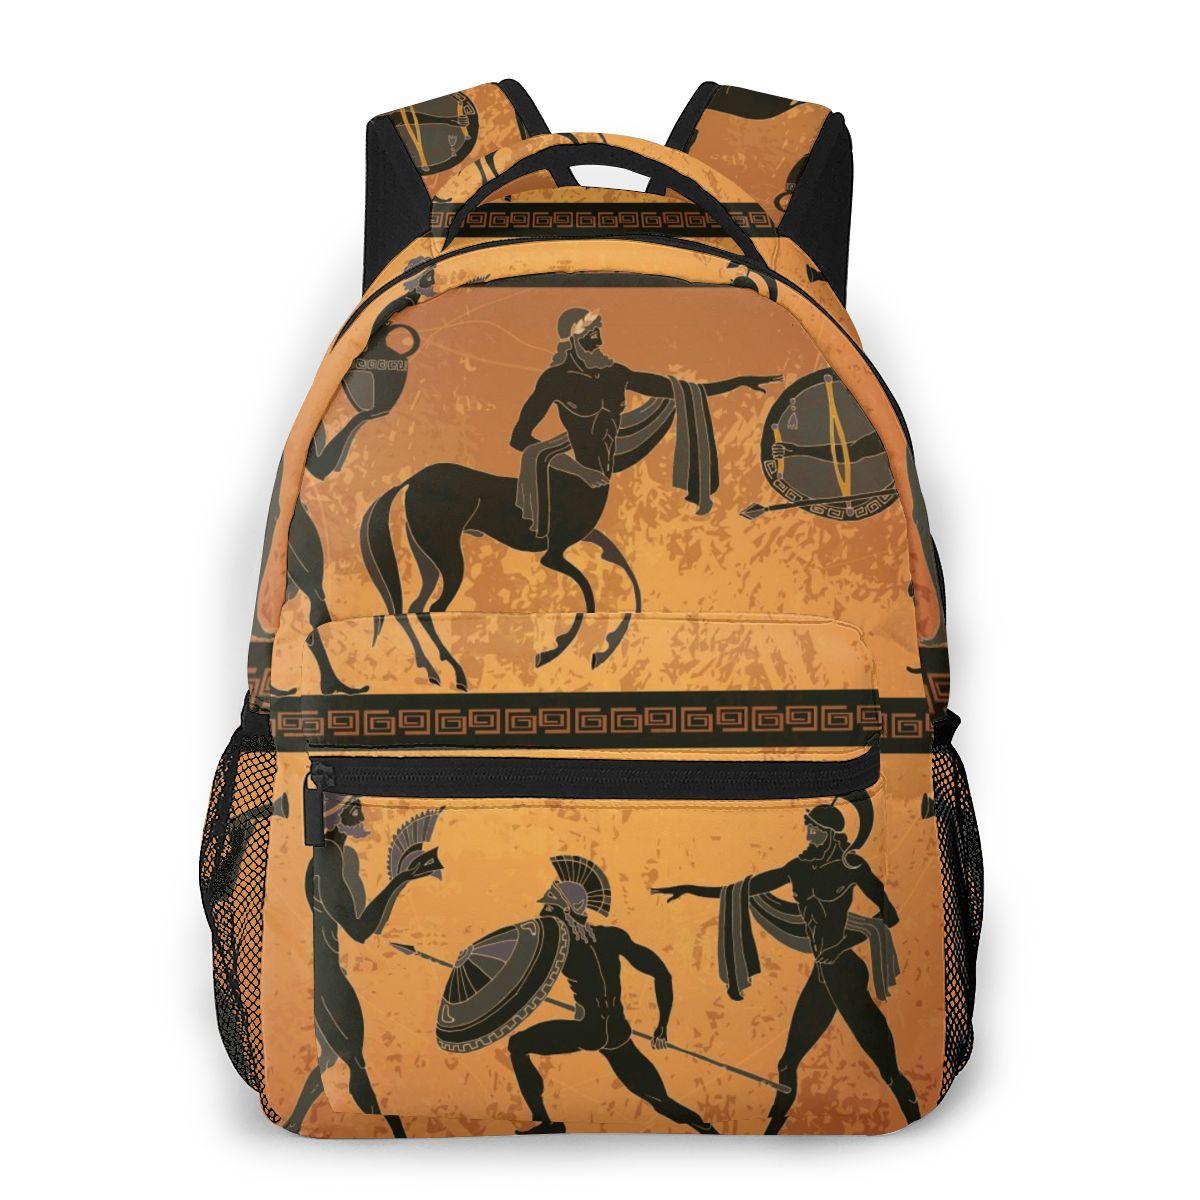 حقيبة سفر بجيوب للنساء ، مشهد اليونان قديم مع الأساطير الفخارية السوداء ، حقيبة مدرسية غير رسمية